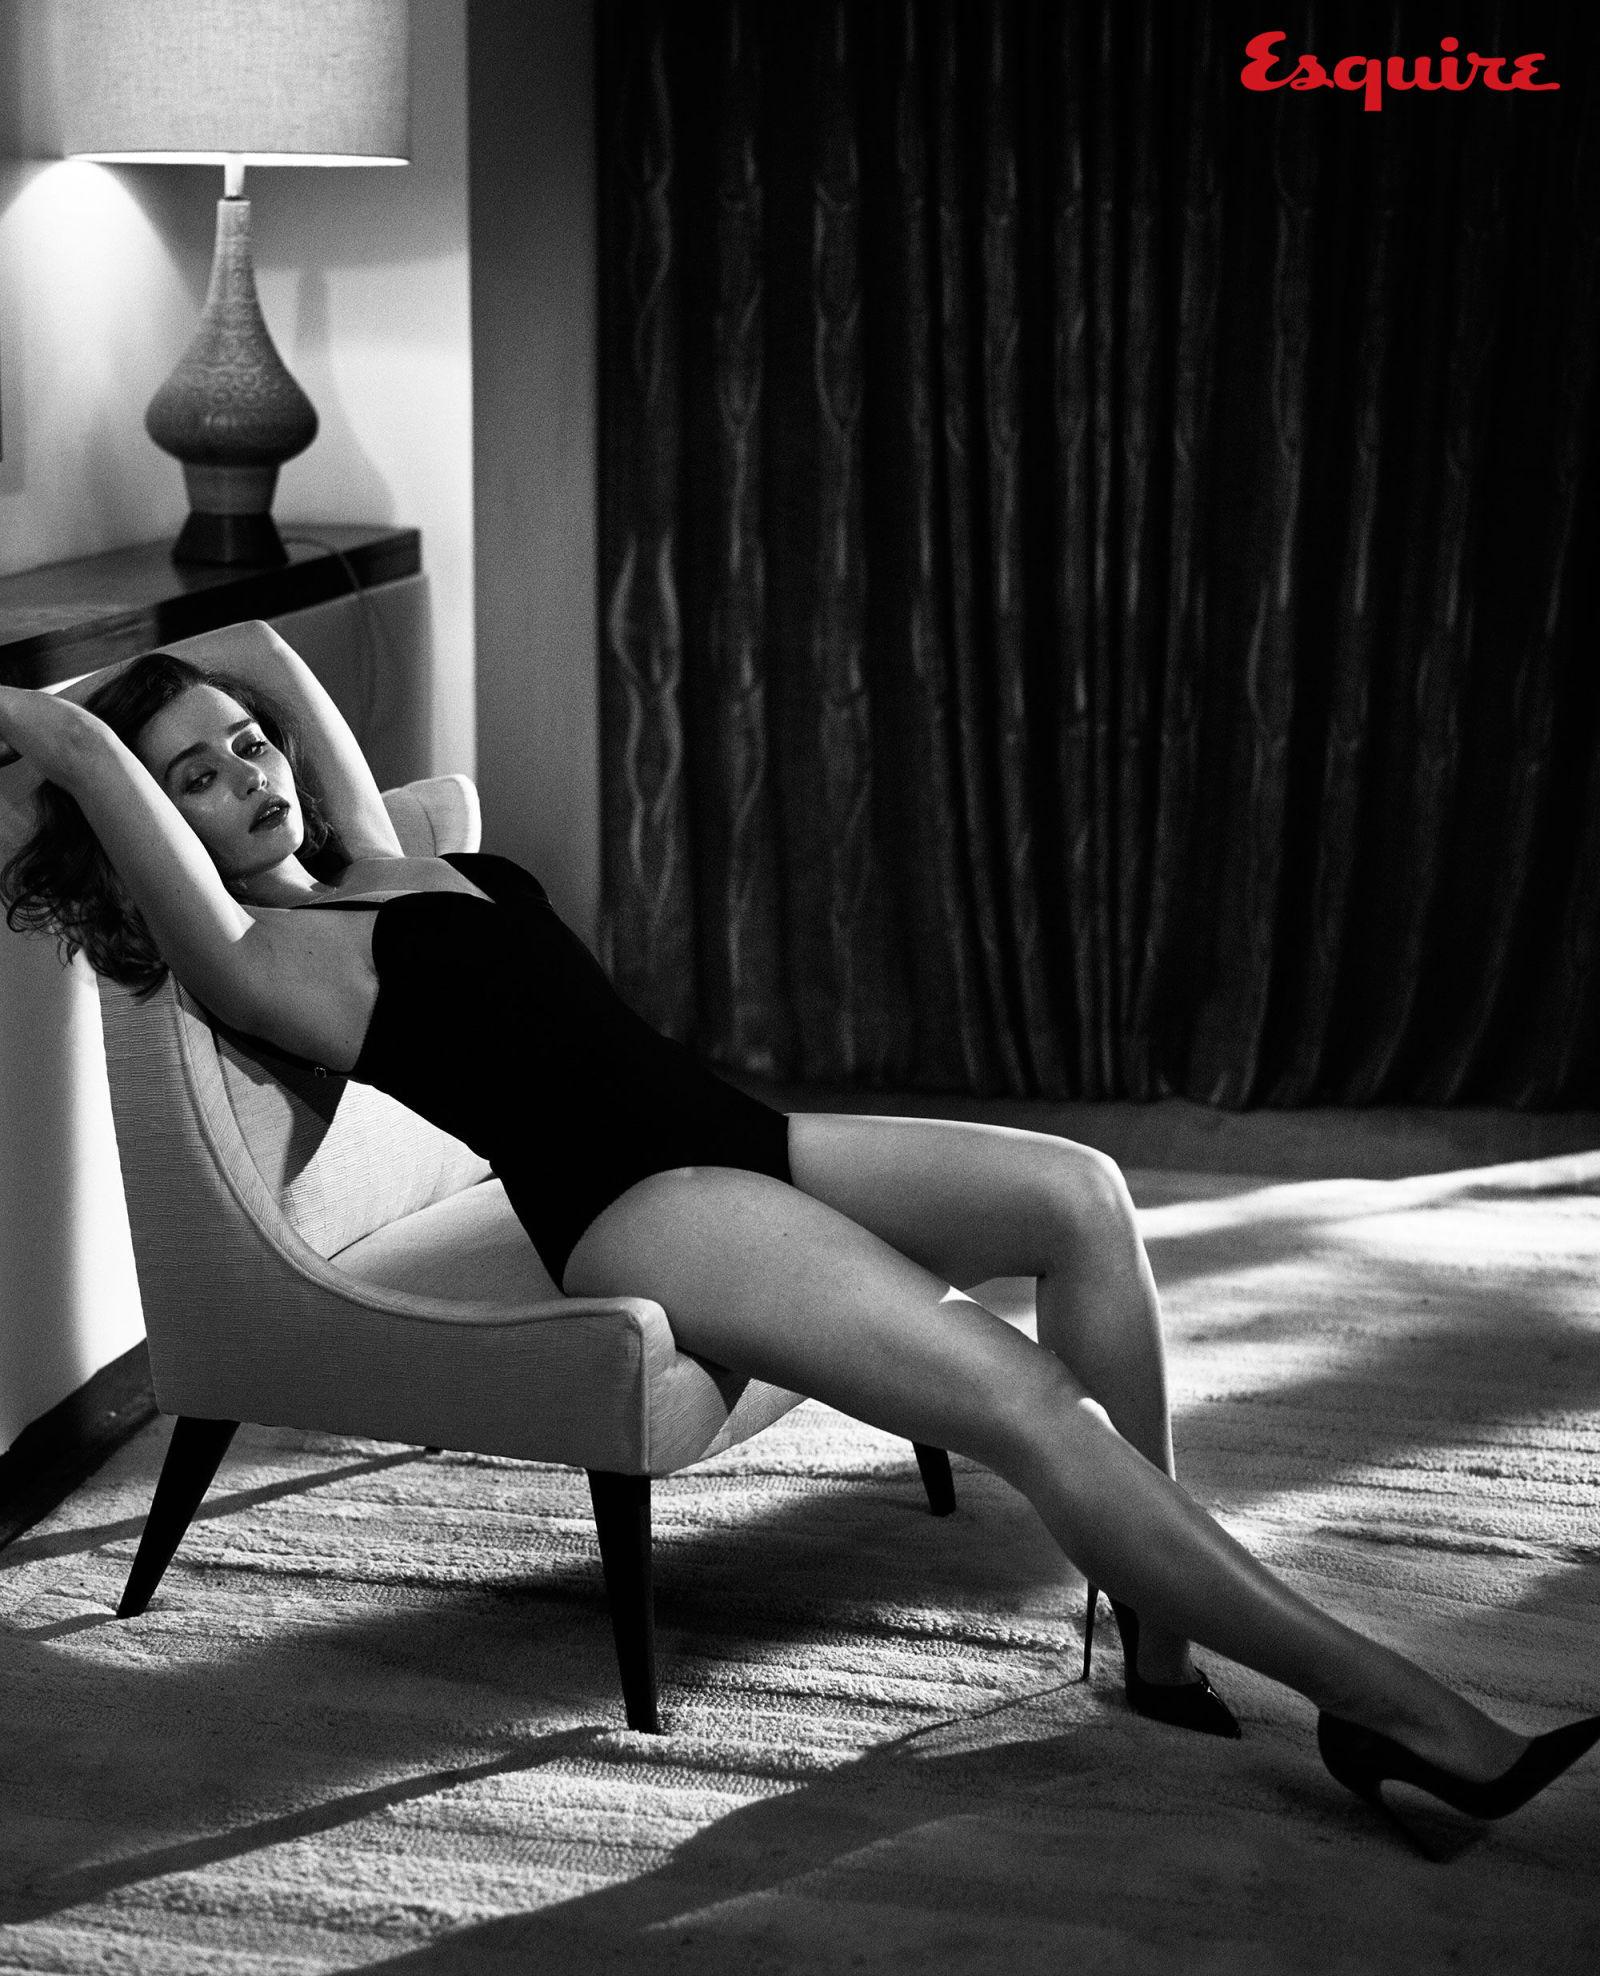 gallery-1444418394-emilia-clarke-sexiest-woman-alive-2015-4461-04.jpg